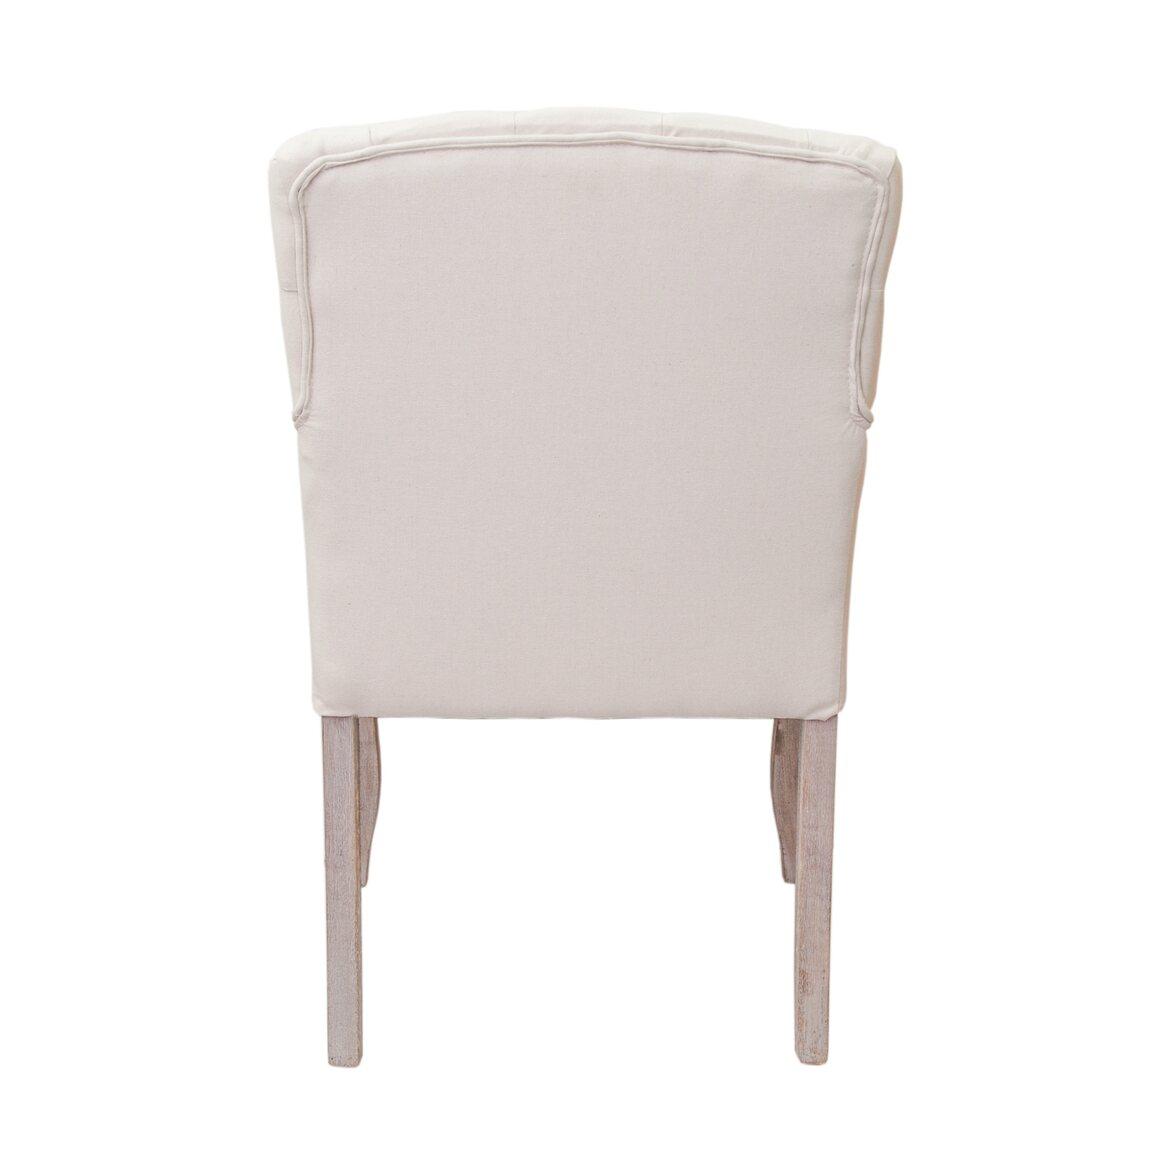 Кресло Deron beige ver.2 3 | Кресло-стул Kingsby